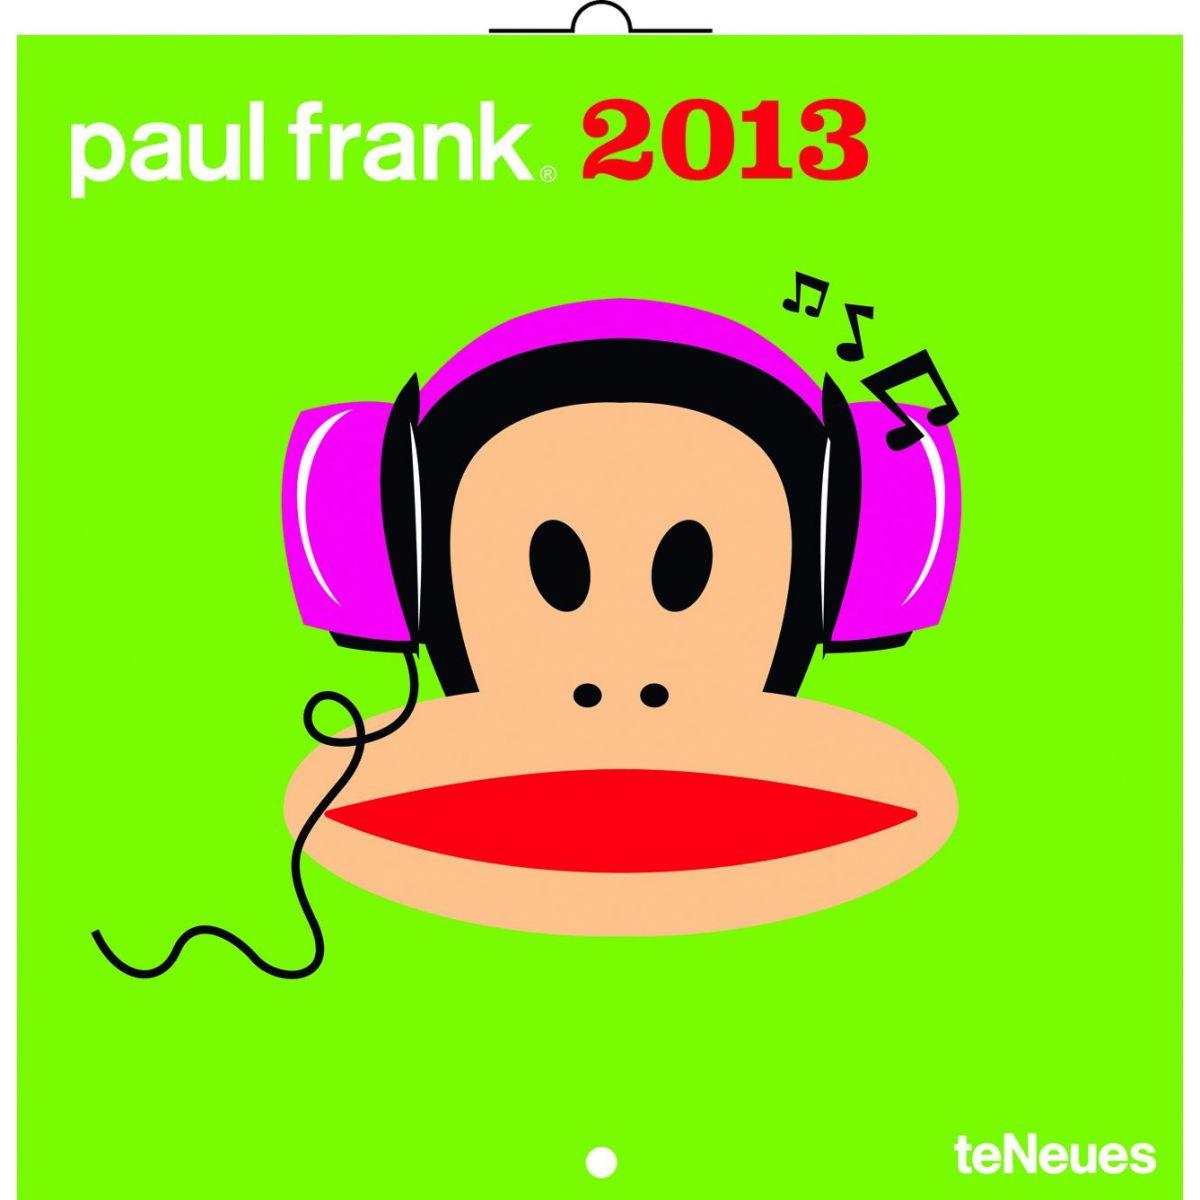 Paul Frank, poznámkový kalendář 2013, 30 x 60 cm